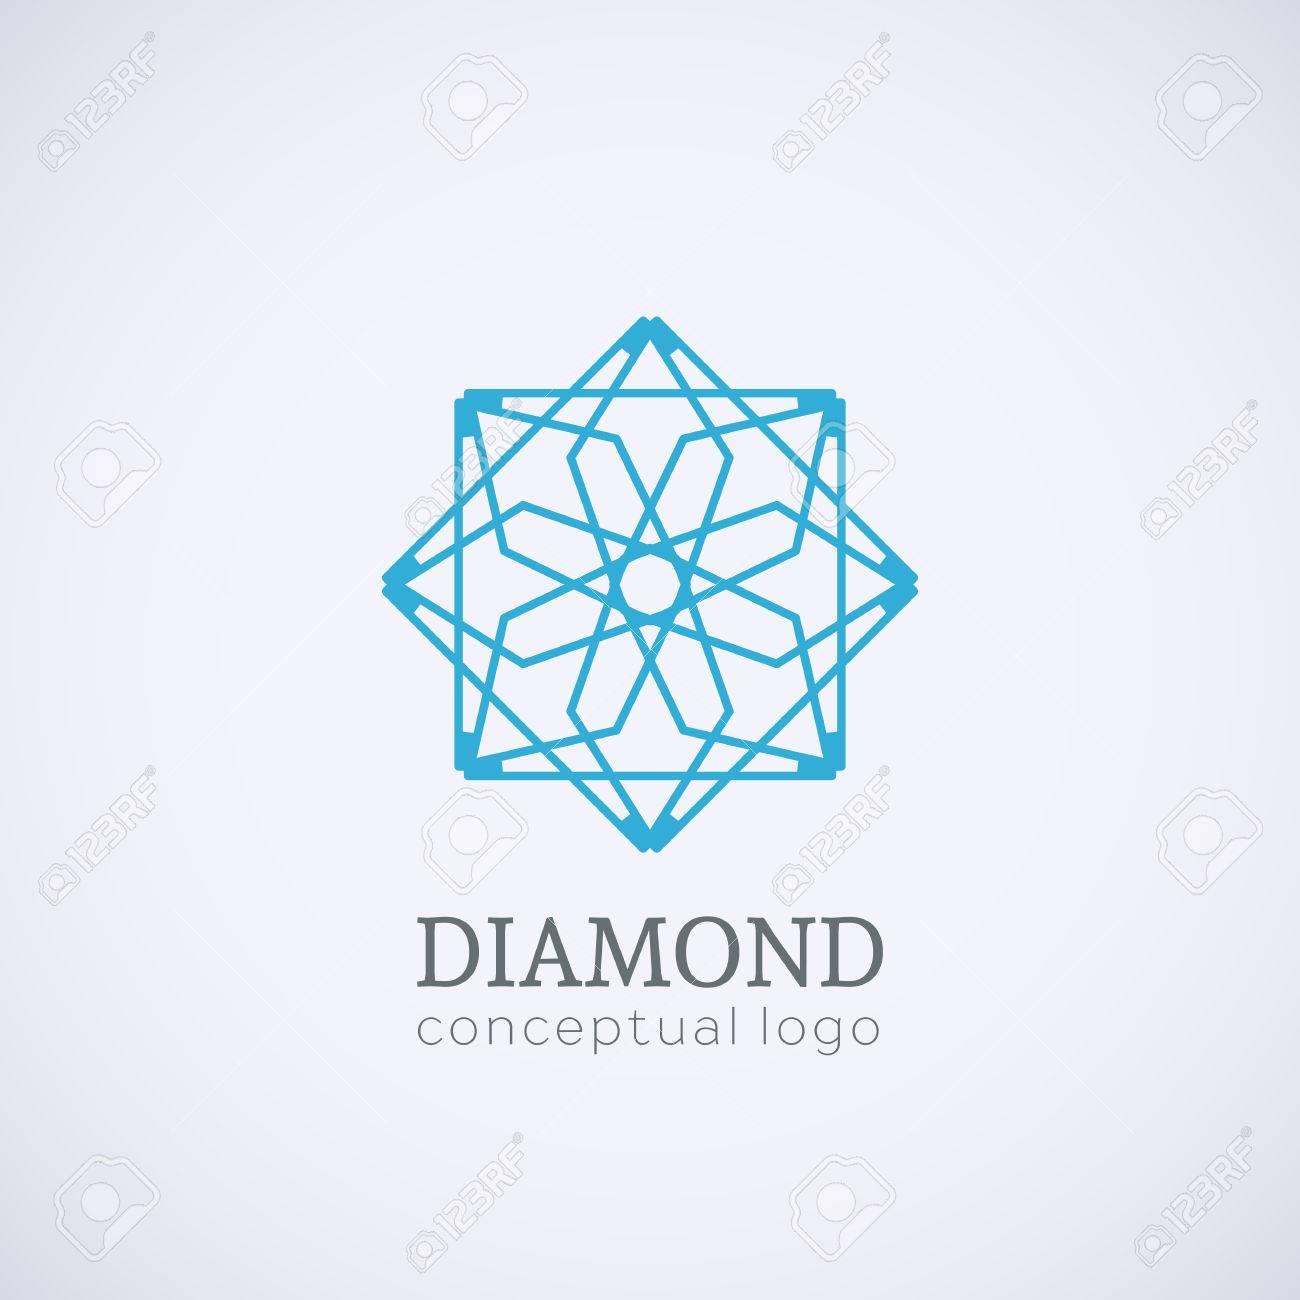 8581 Diamond Logo Cliparts Stock Vector And Royalty Free Diamond